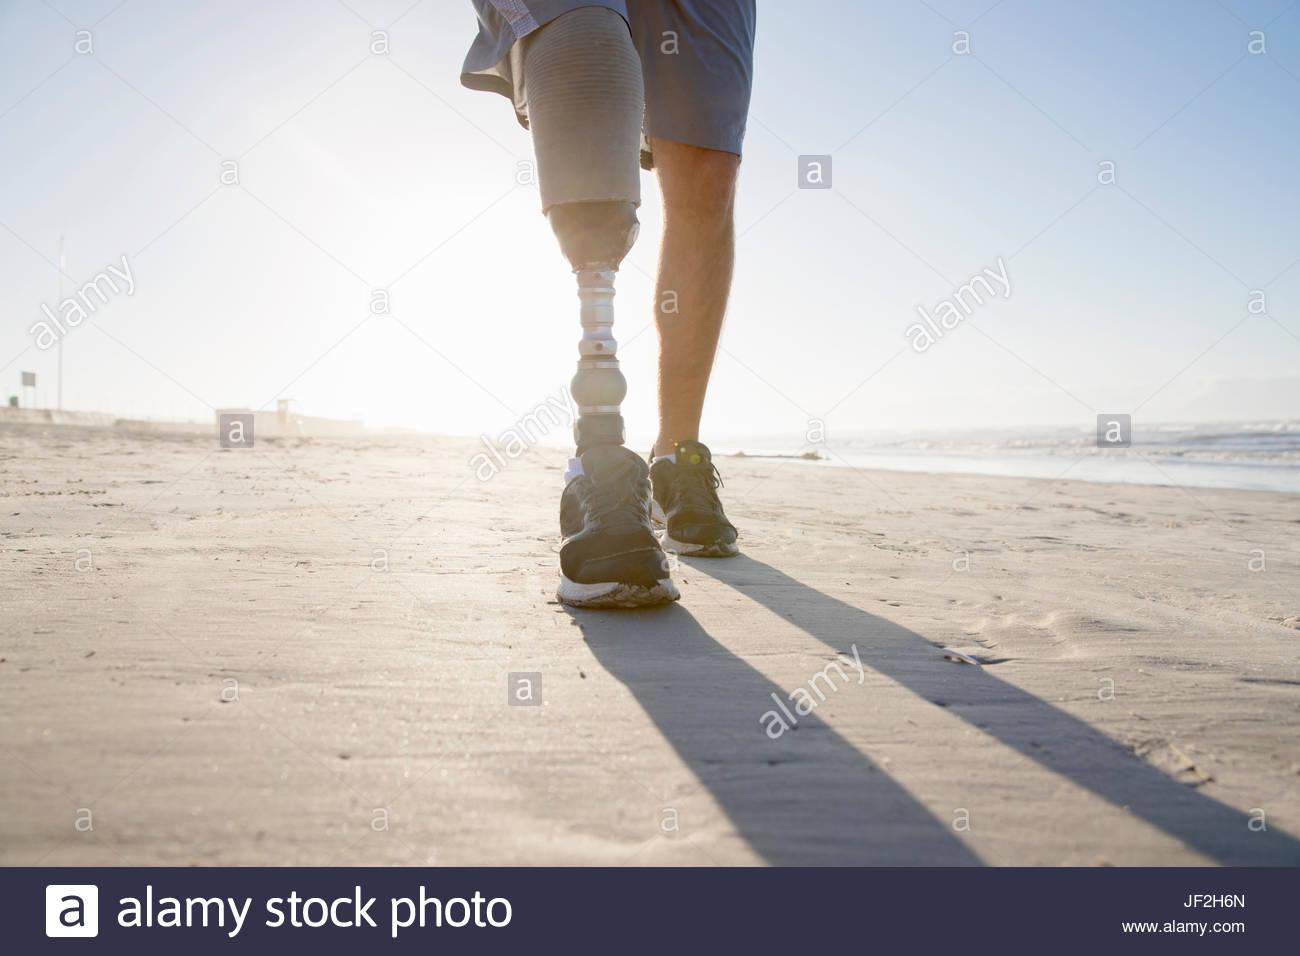 Nahaufnahme von Mann mit Beinprothese Strand entlang laufen Stockbild